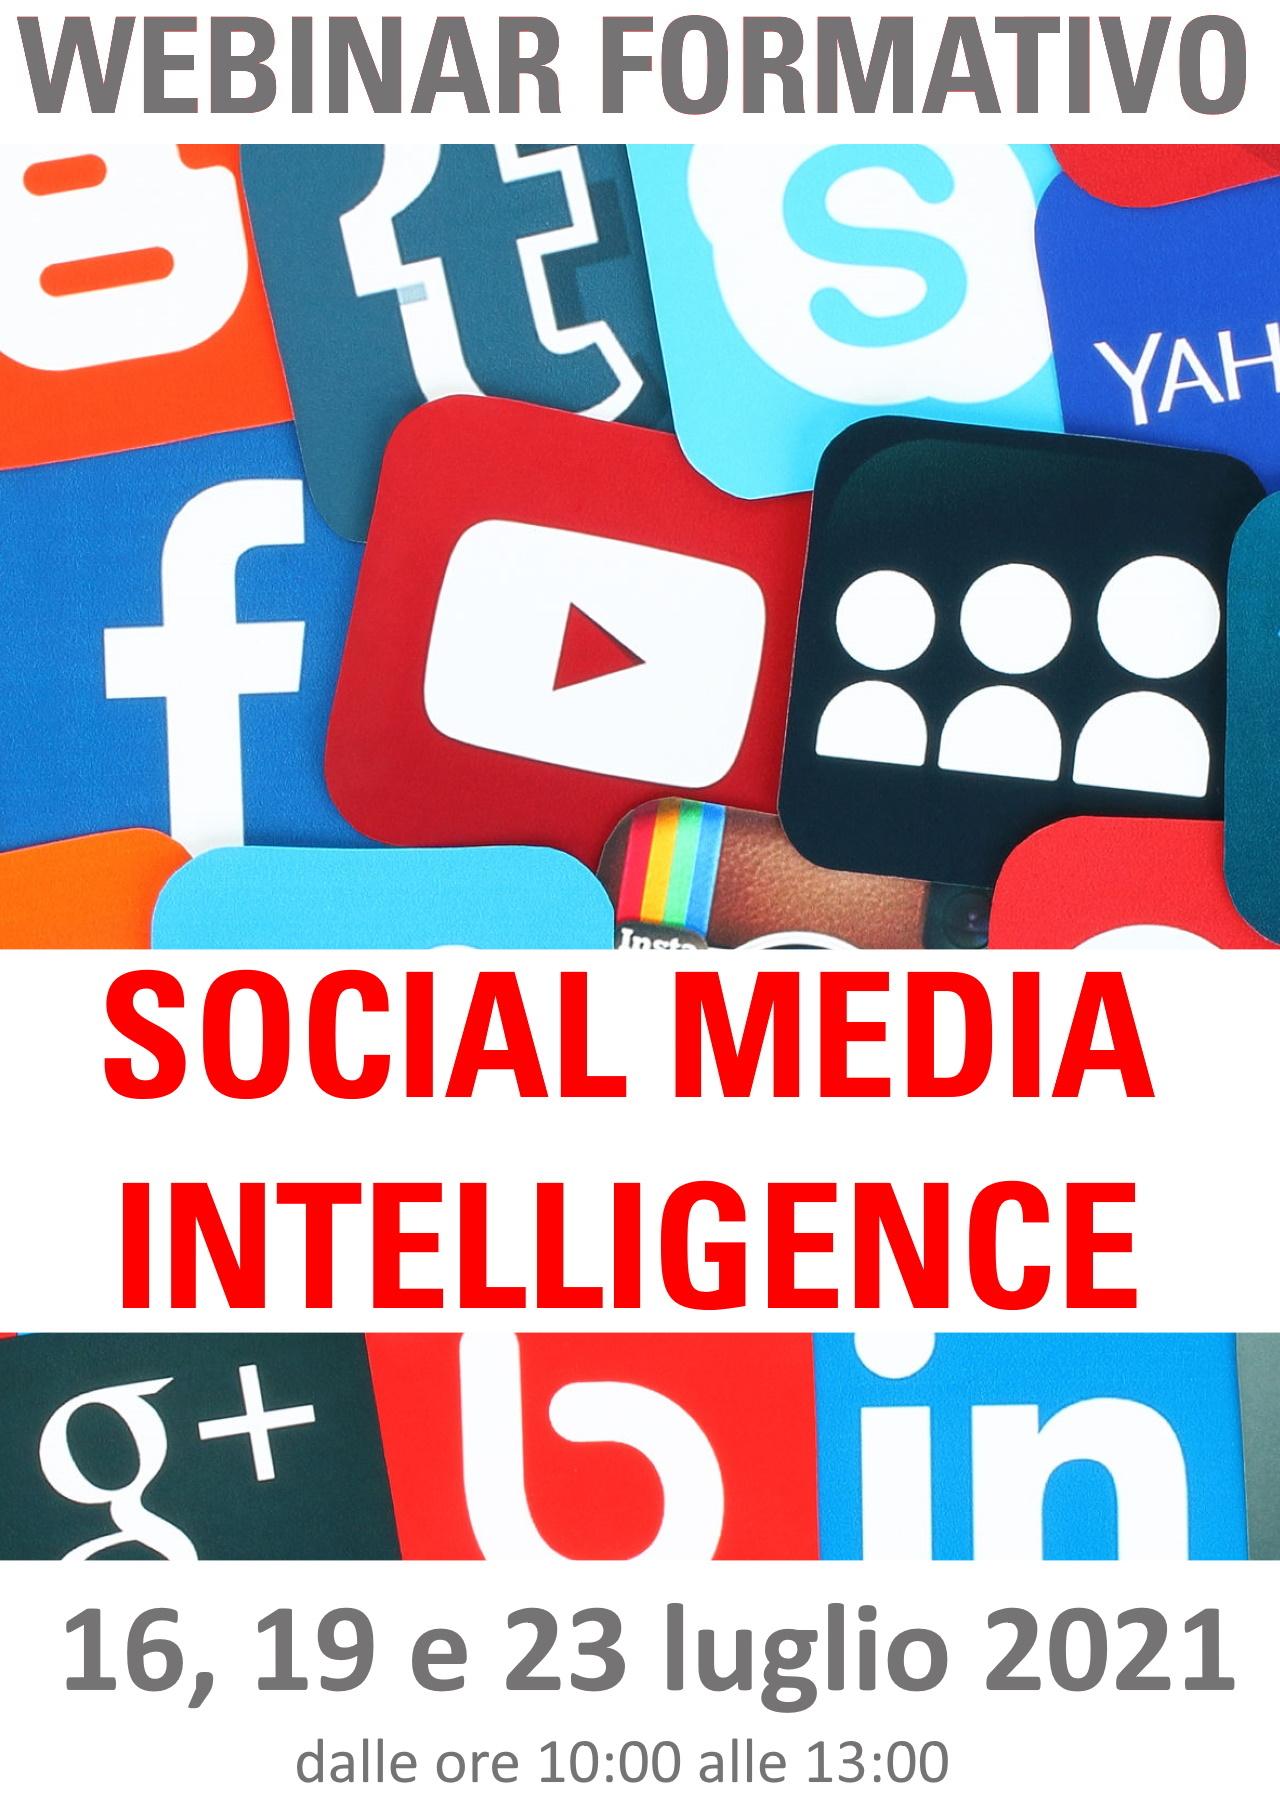 Webinar formativo SOCIAL MEDIA INTELLIGENCE